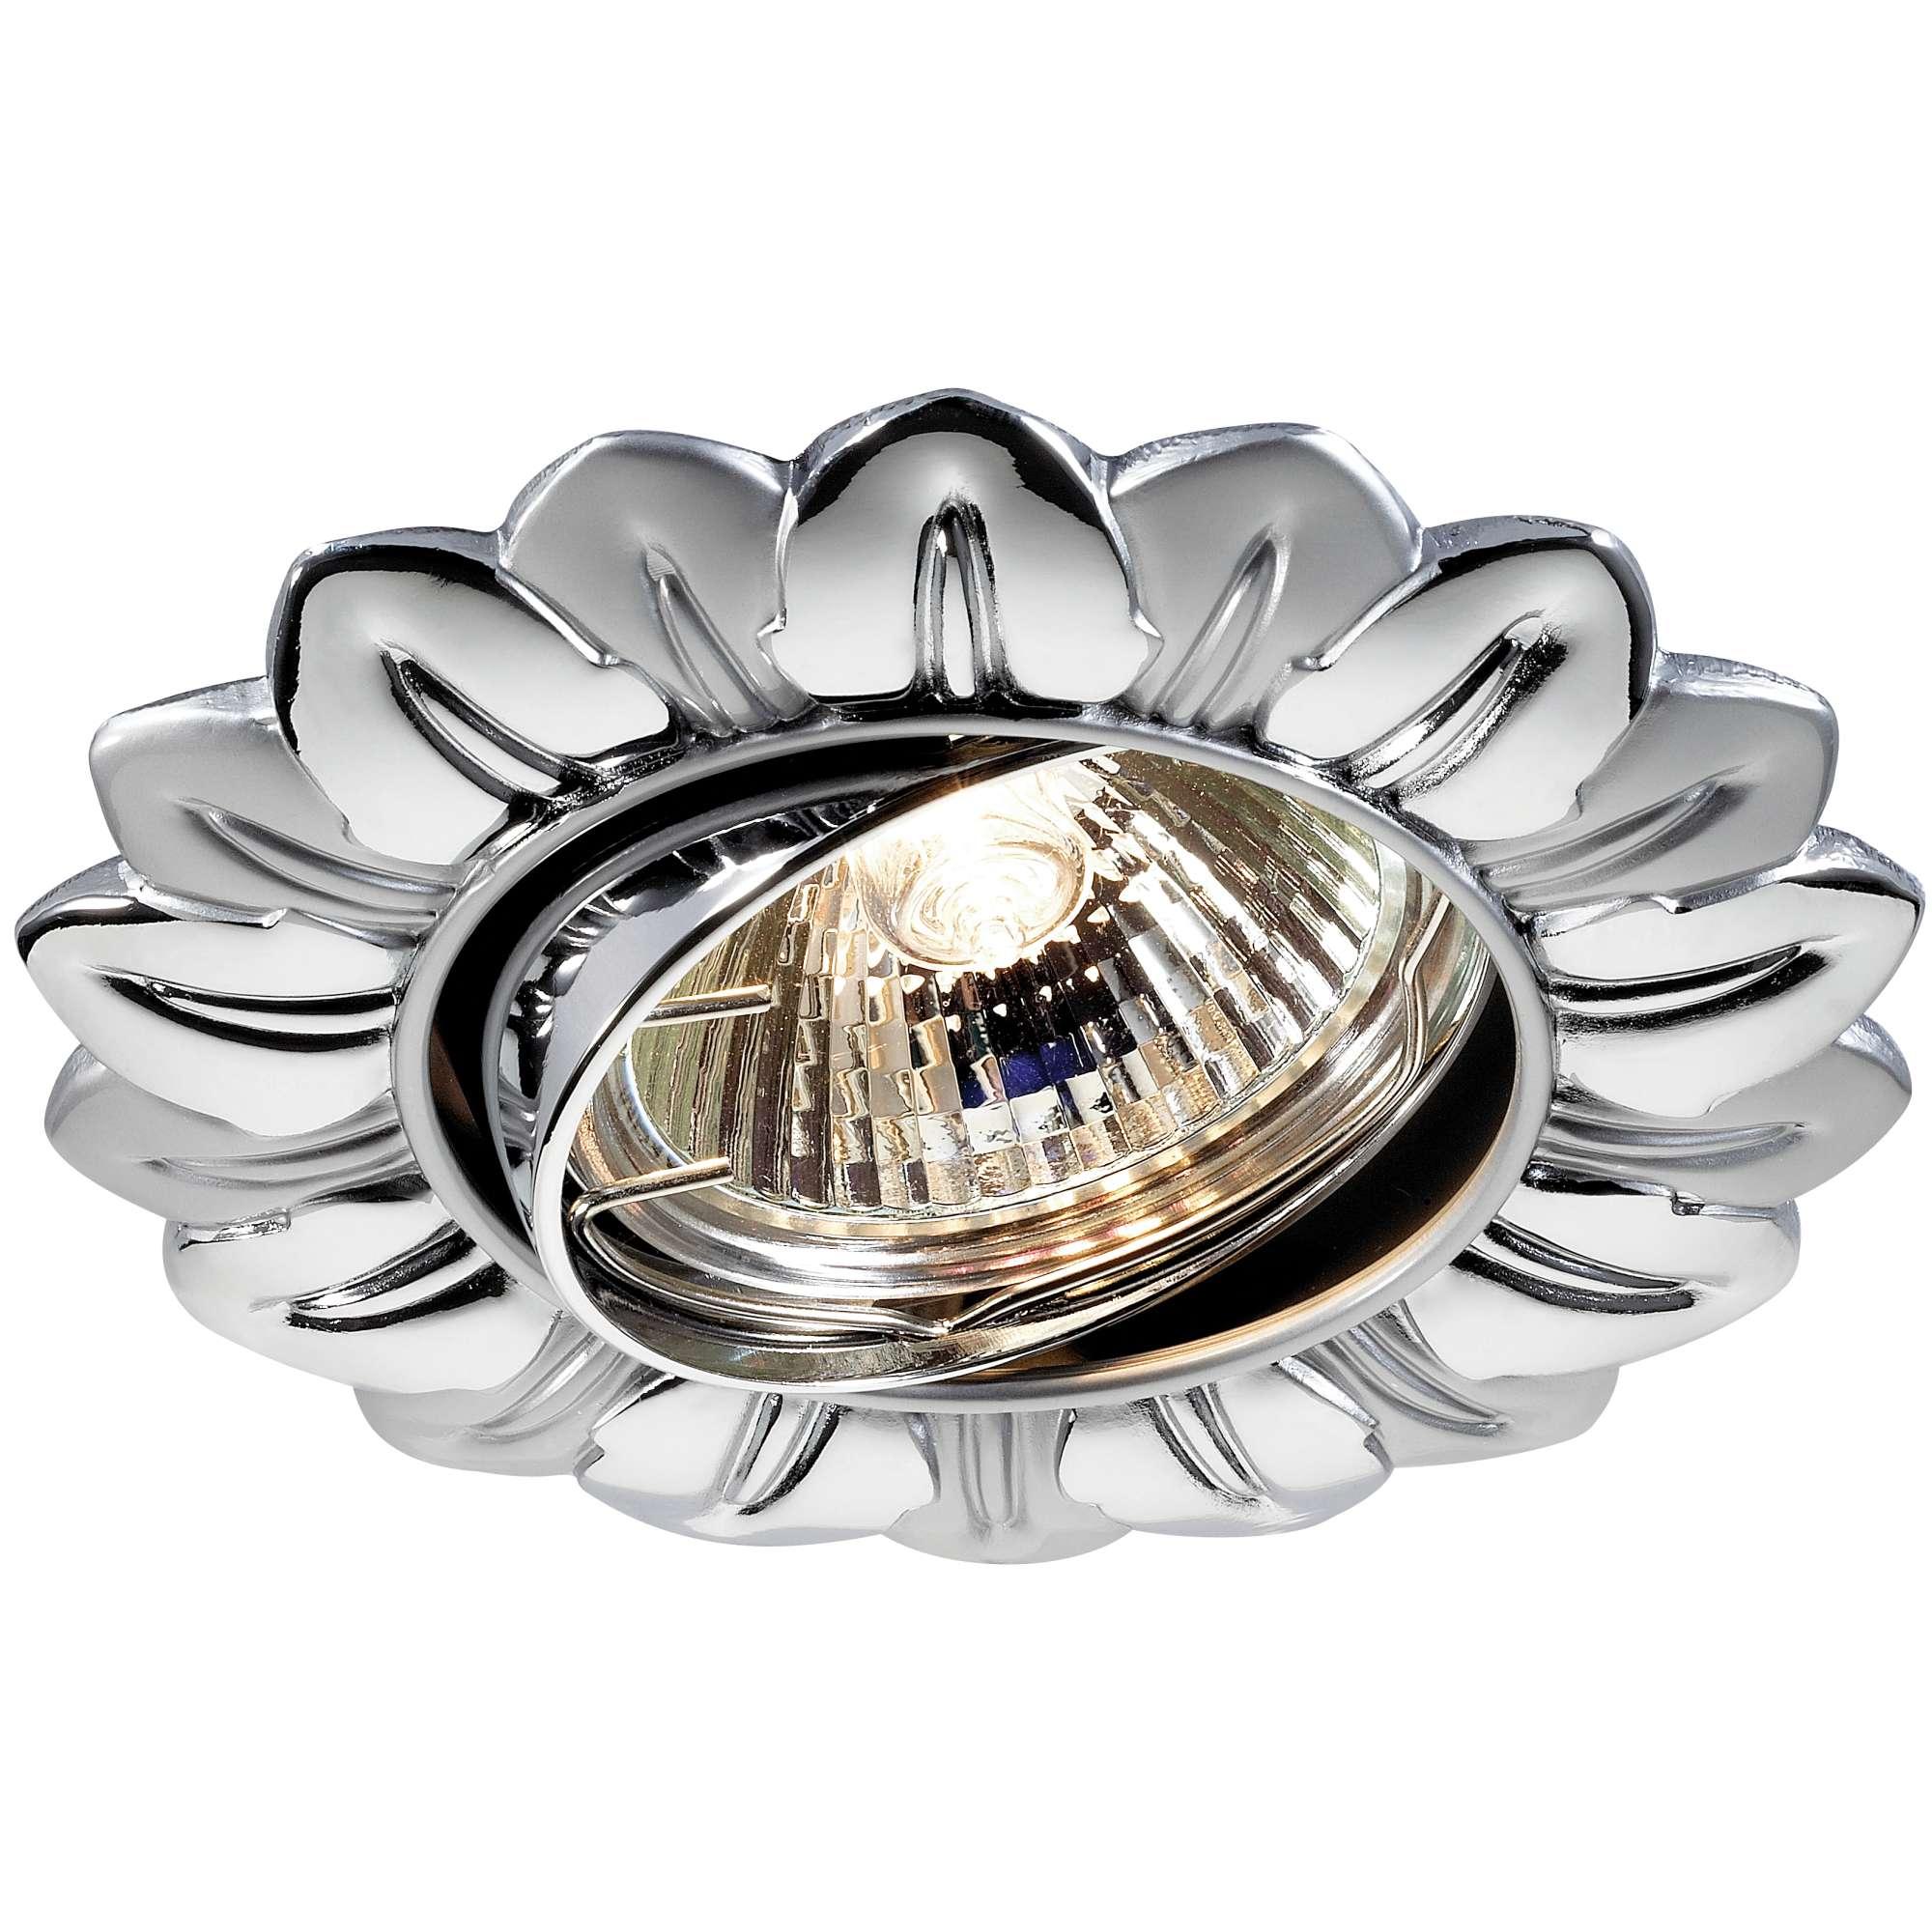 Светильник встраиваемый Novotech Flower nt12 146 369821 светильник встраиваемый novotech flower цвет серый gx5 3 2 8 вт 369821